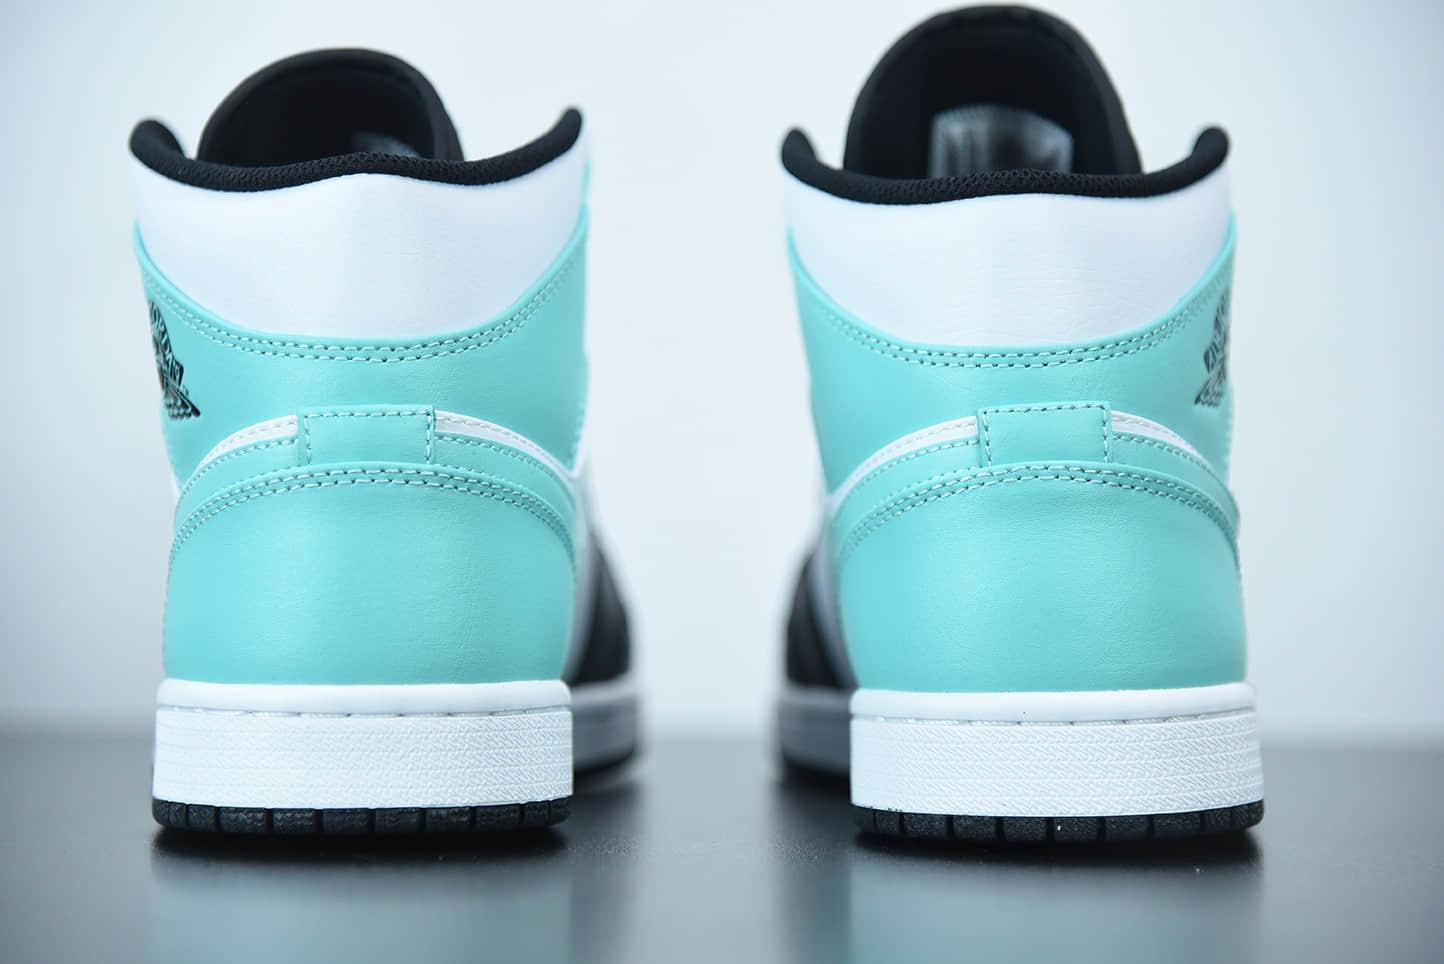 乔丹Air Jordan 1 Mid 蒂芙尼绿中帮篮球鞋纯原版本 货号: 554724-132